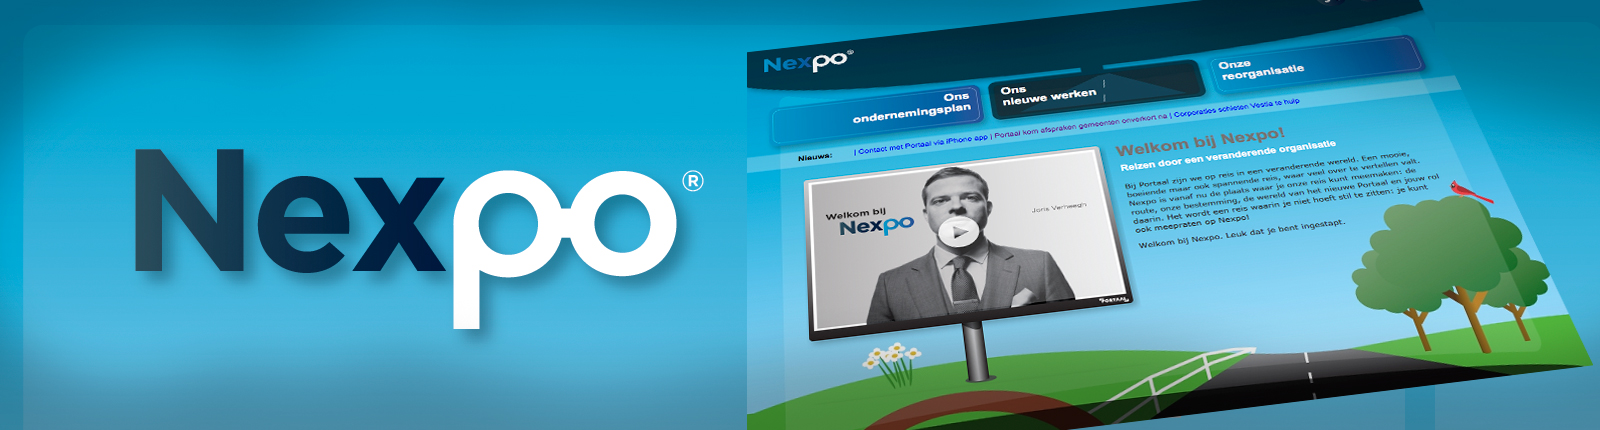 nexpo_case